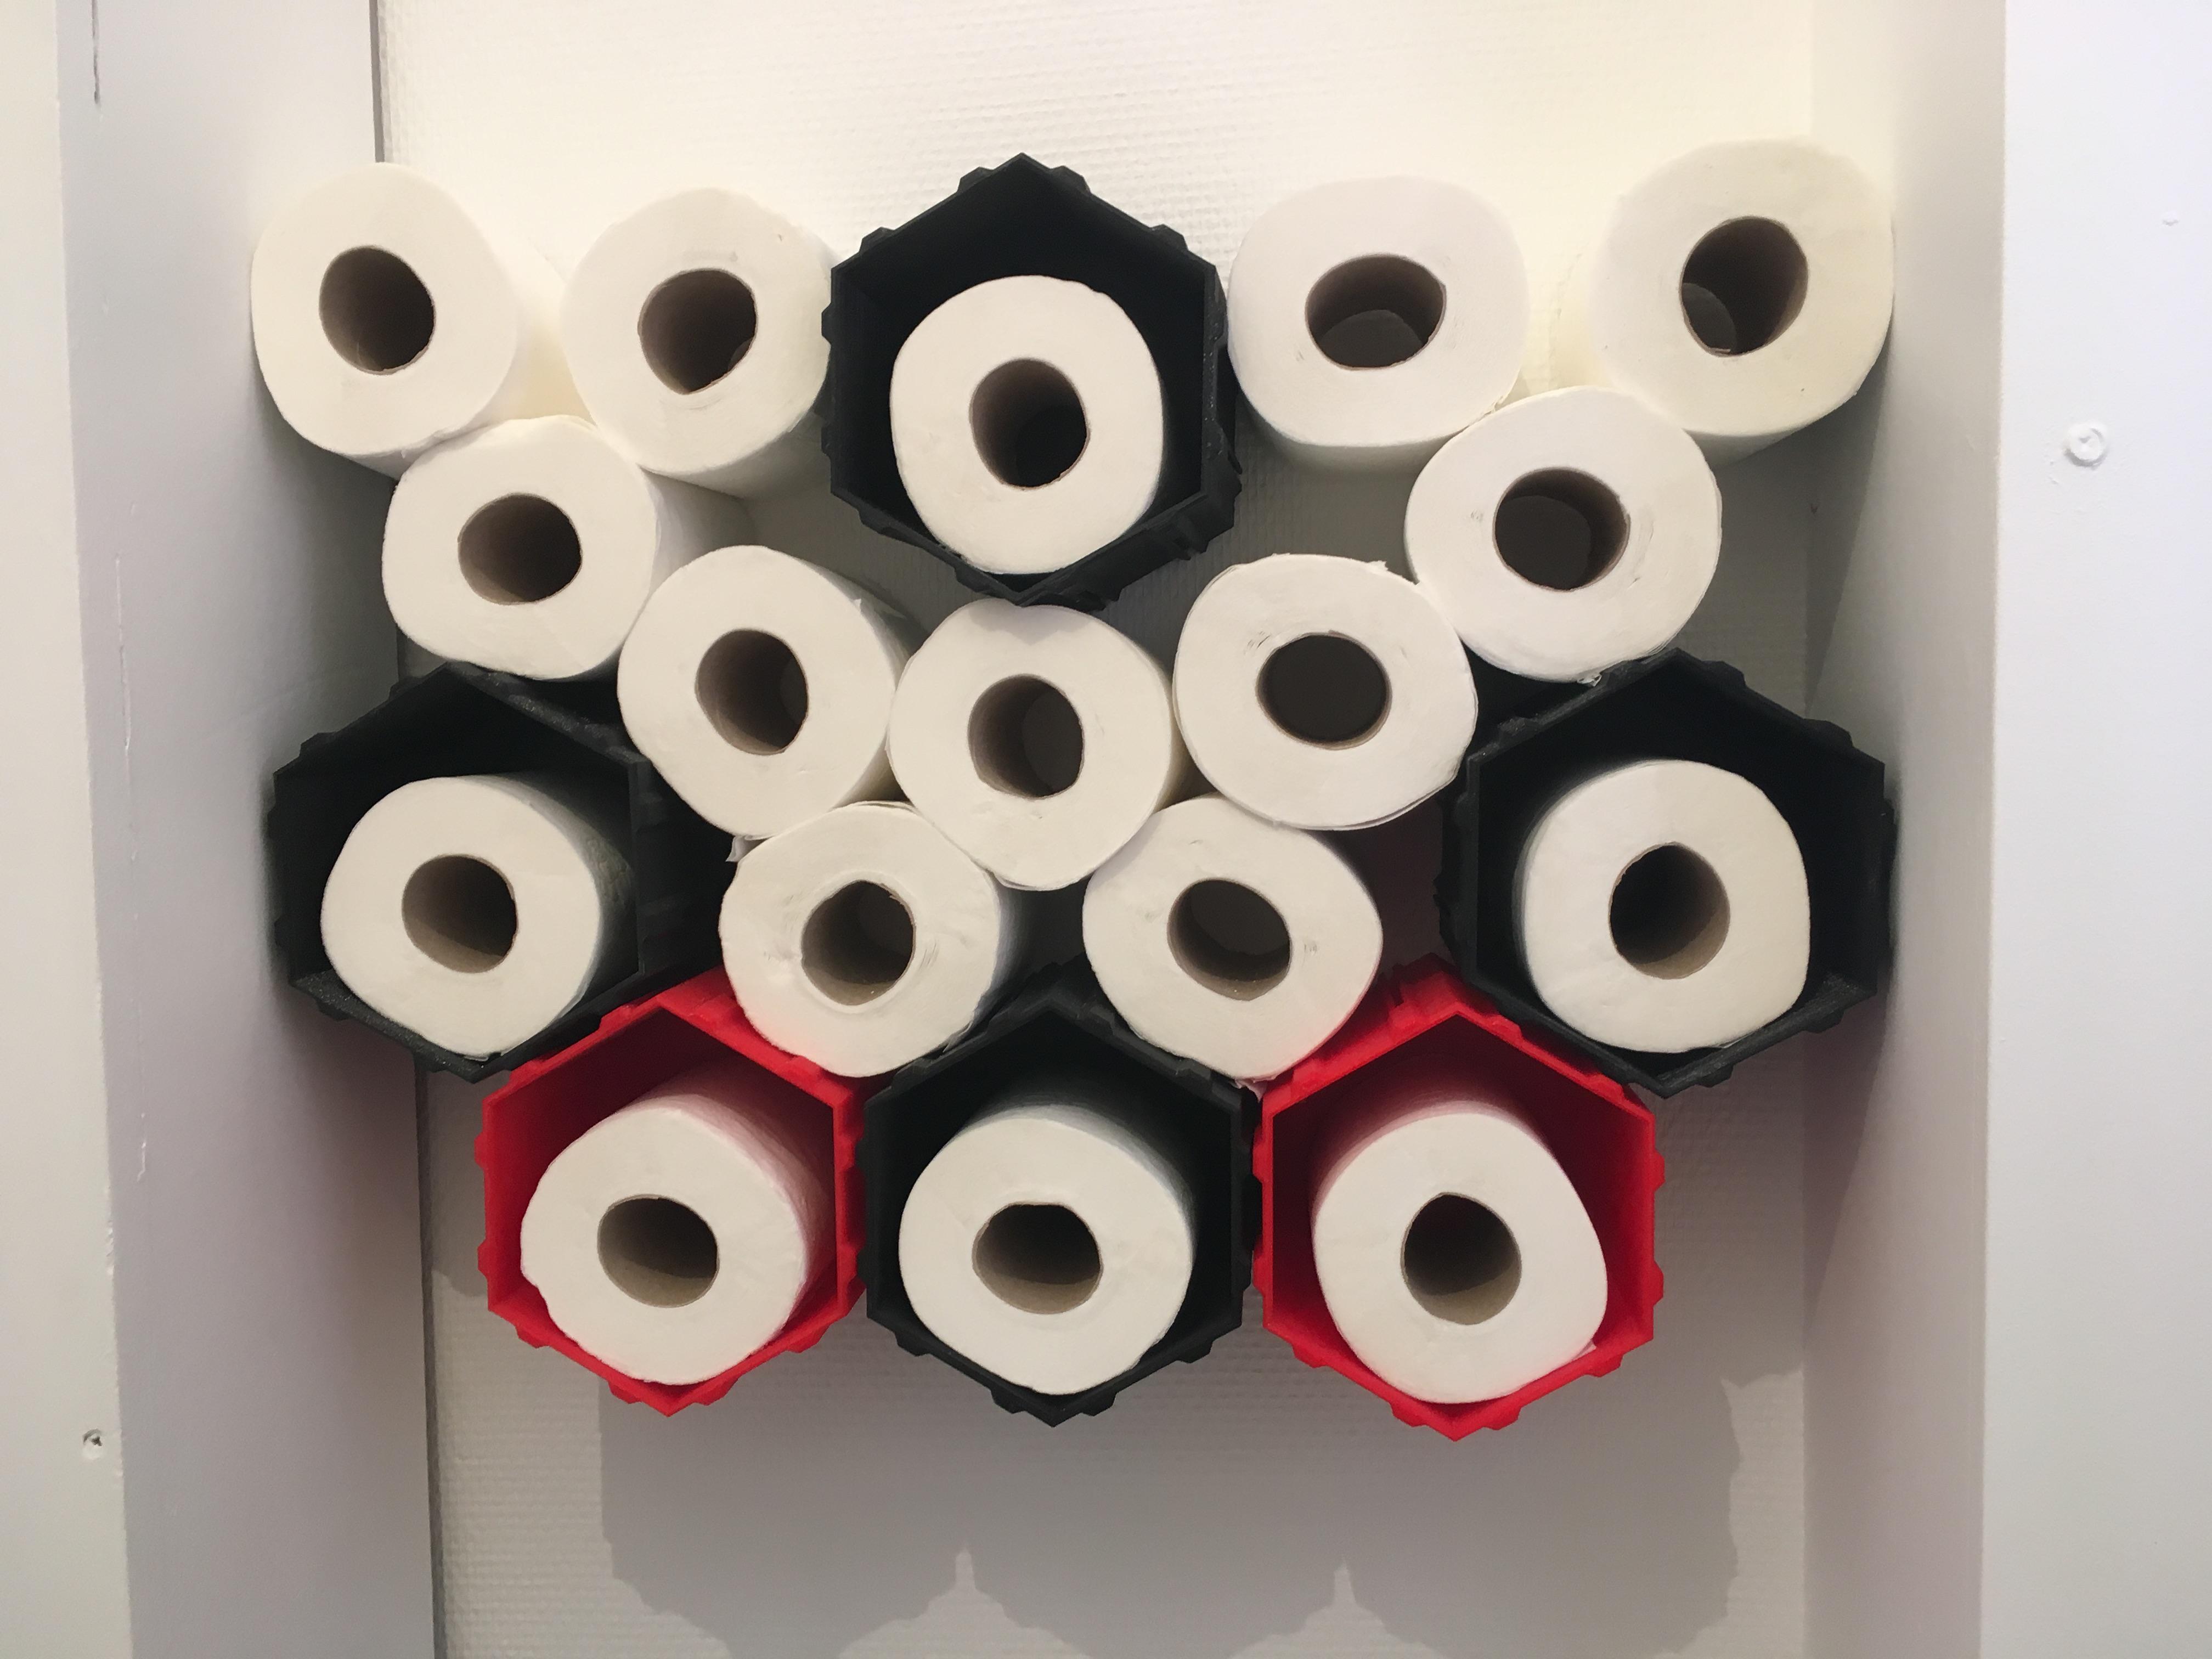 Rangement Papier Toilette Original range papier toilette - toilet paper storagegxl117